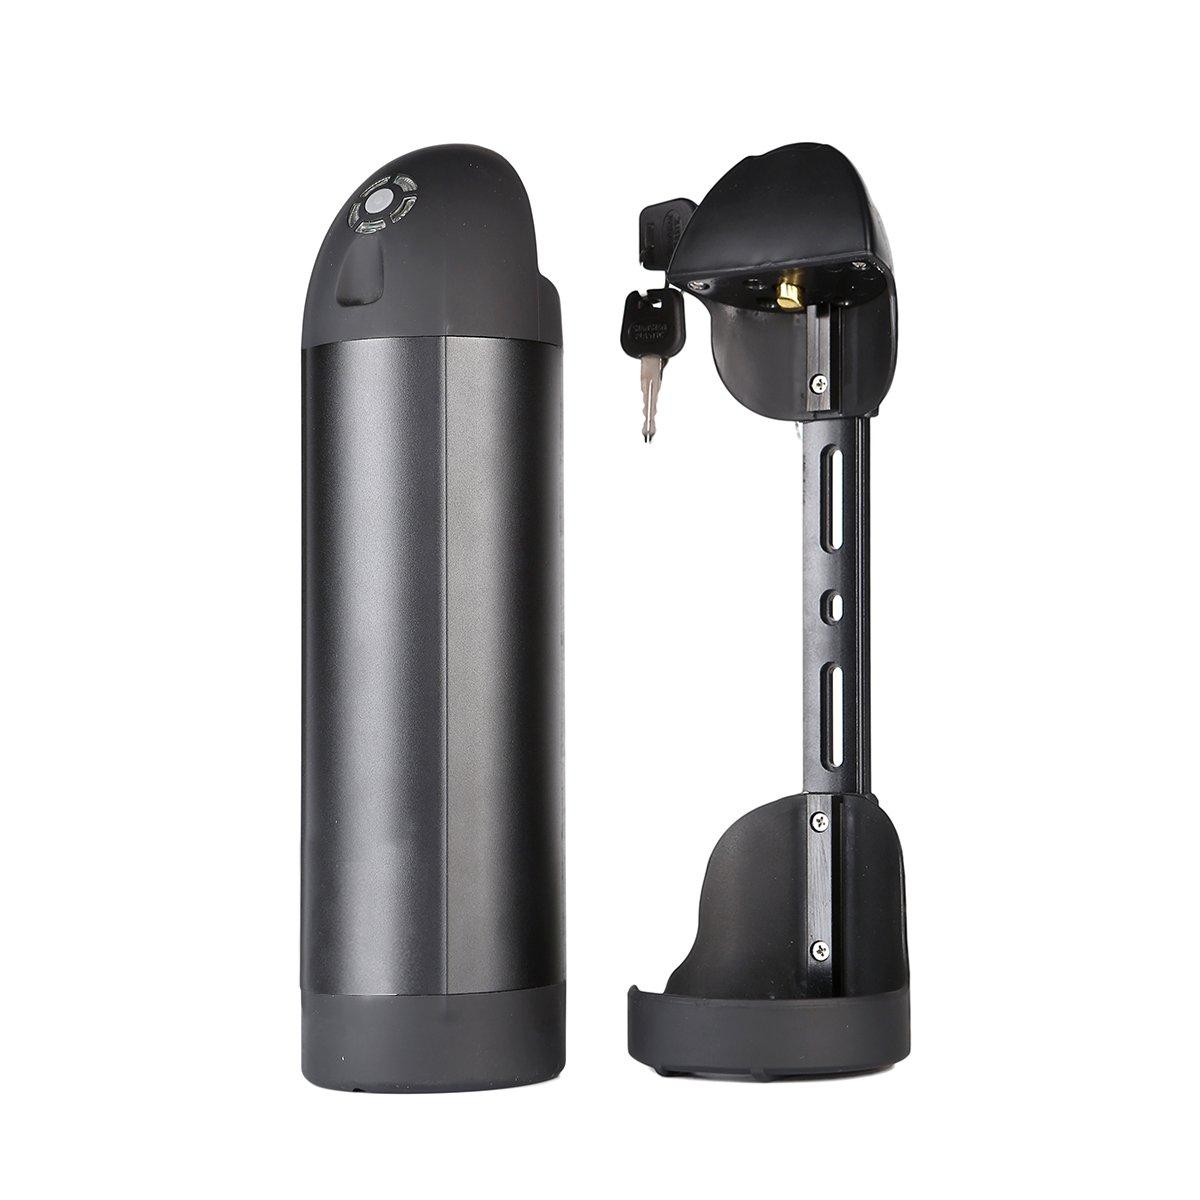 EVERPRO Trinkflaschenakku mit Samsung Zellen 36v 10.4Ah für E-Bike Pedelec Schwarz Ersatzakku mit Ladegerät